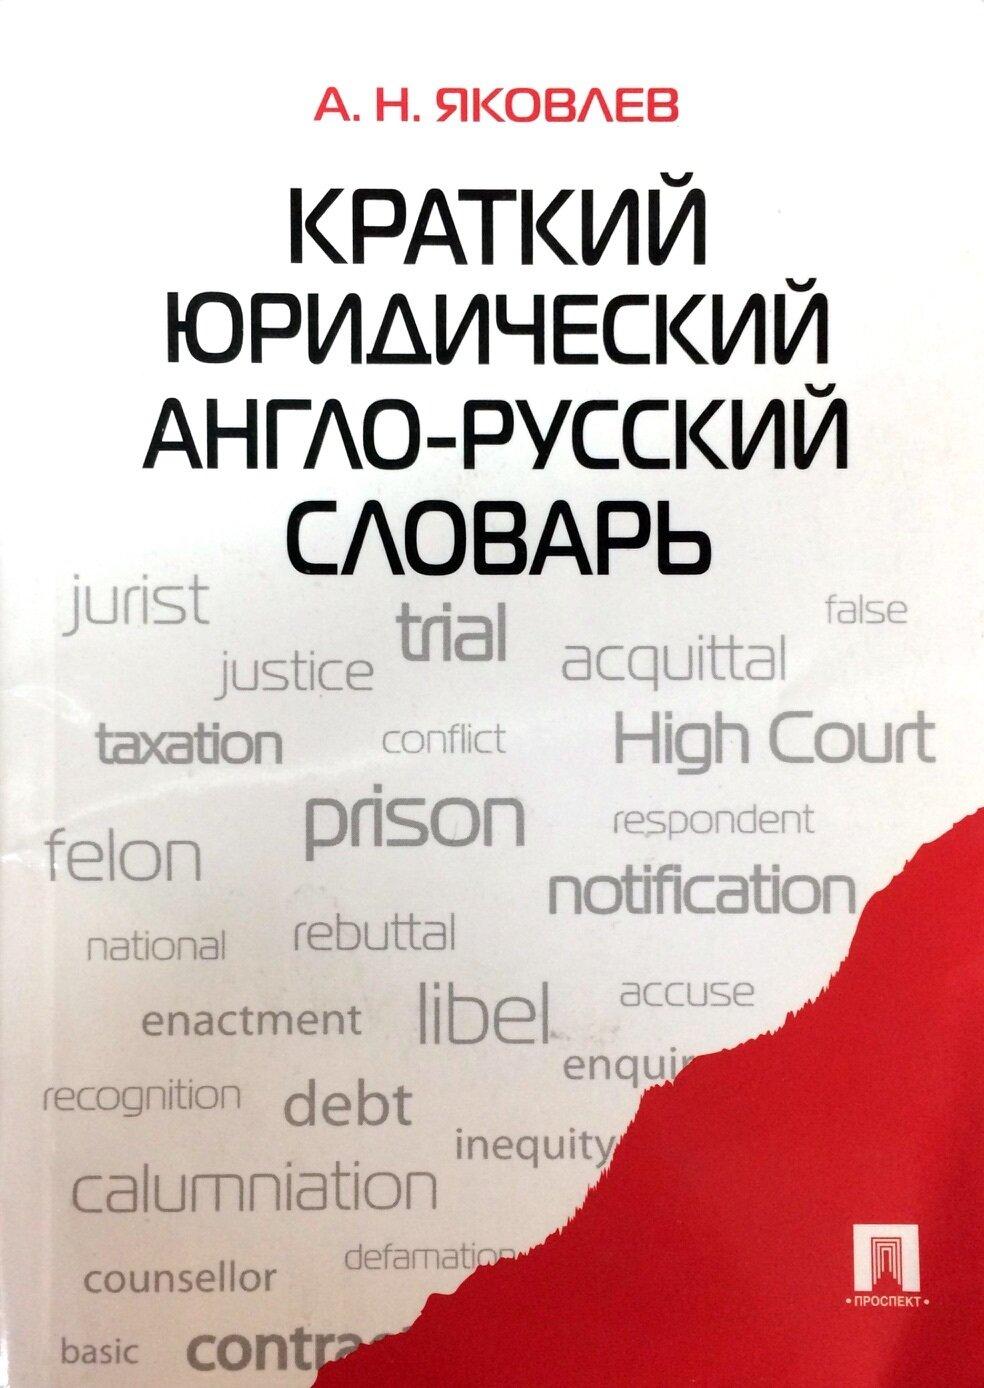 Краткий юридический англо-русский словарь; Анатолий Николаевич Яковлев